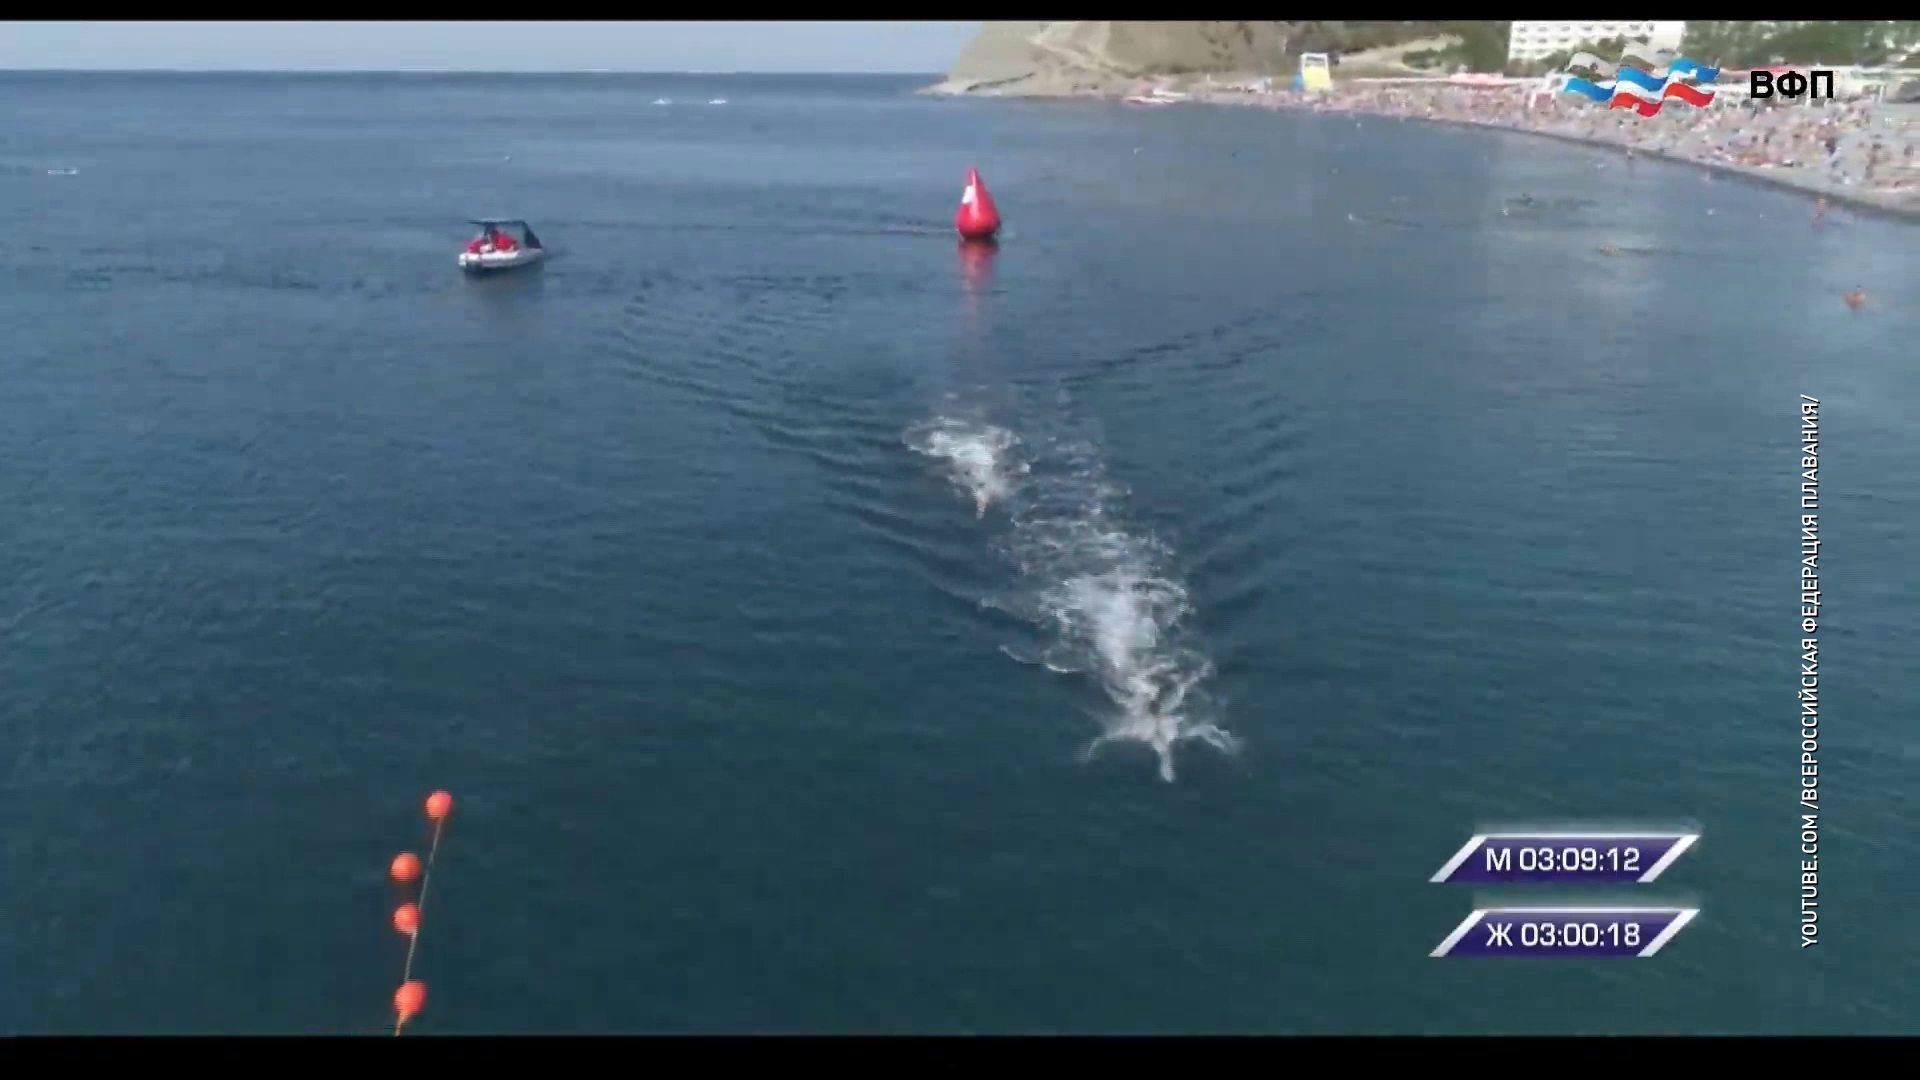 Ярославские пловцы на открытой воде стали триумфаторами заплыва на Чемпионате страны